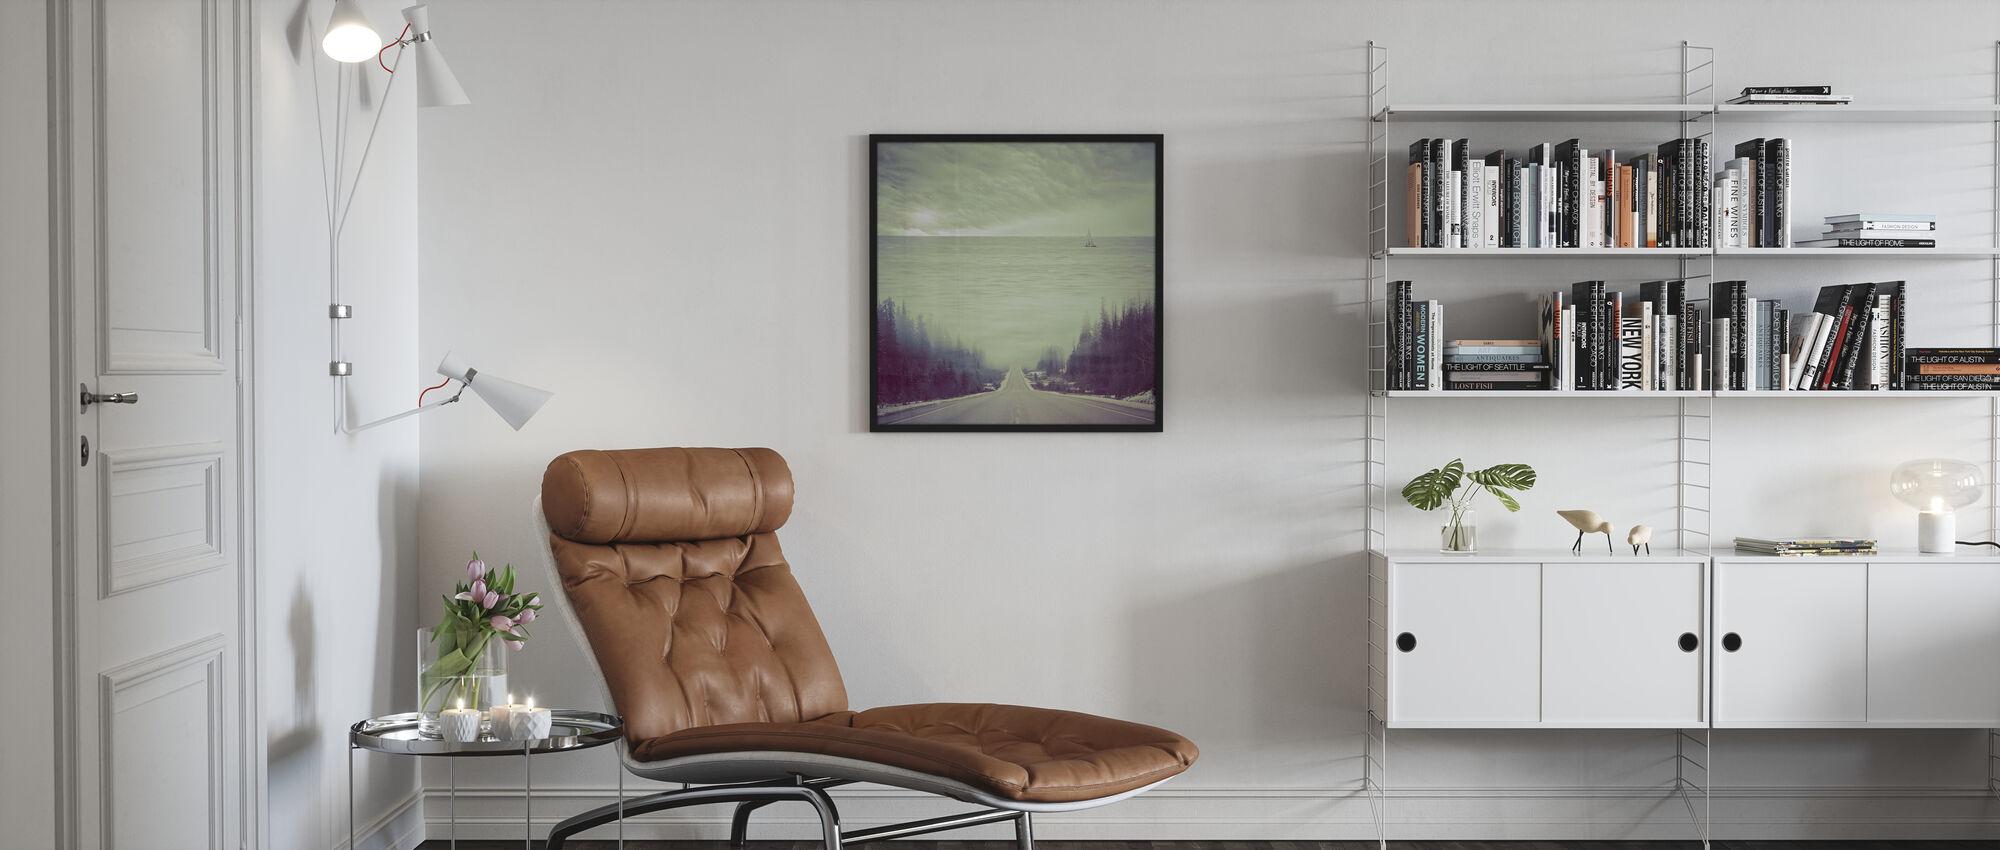 Dupismus - Poster - Wohnzimmer